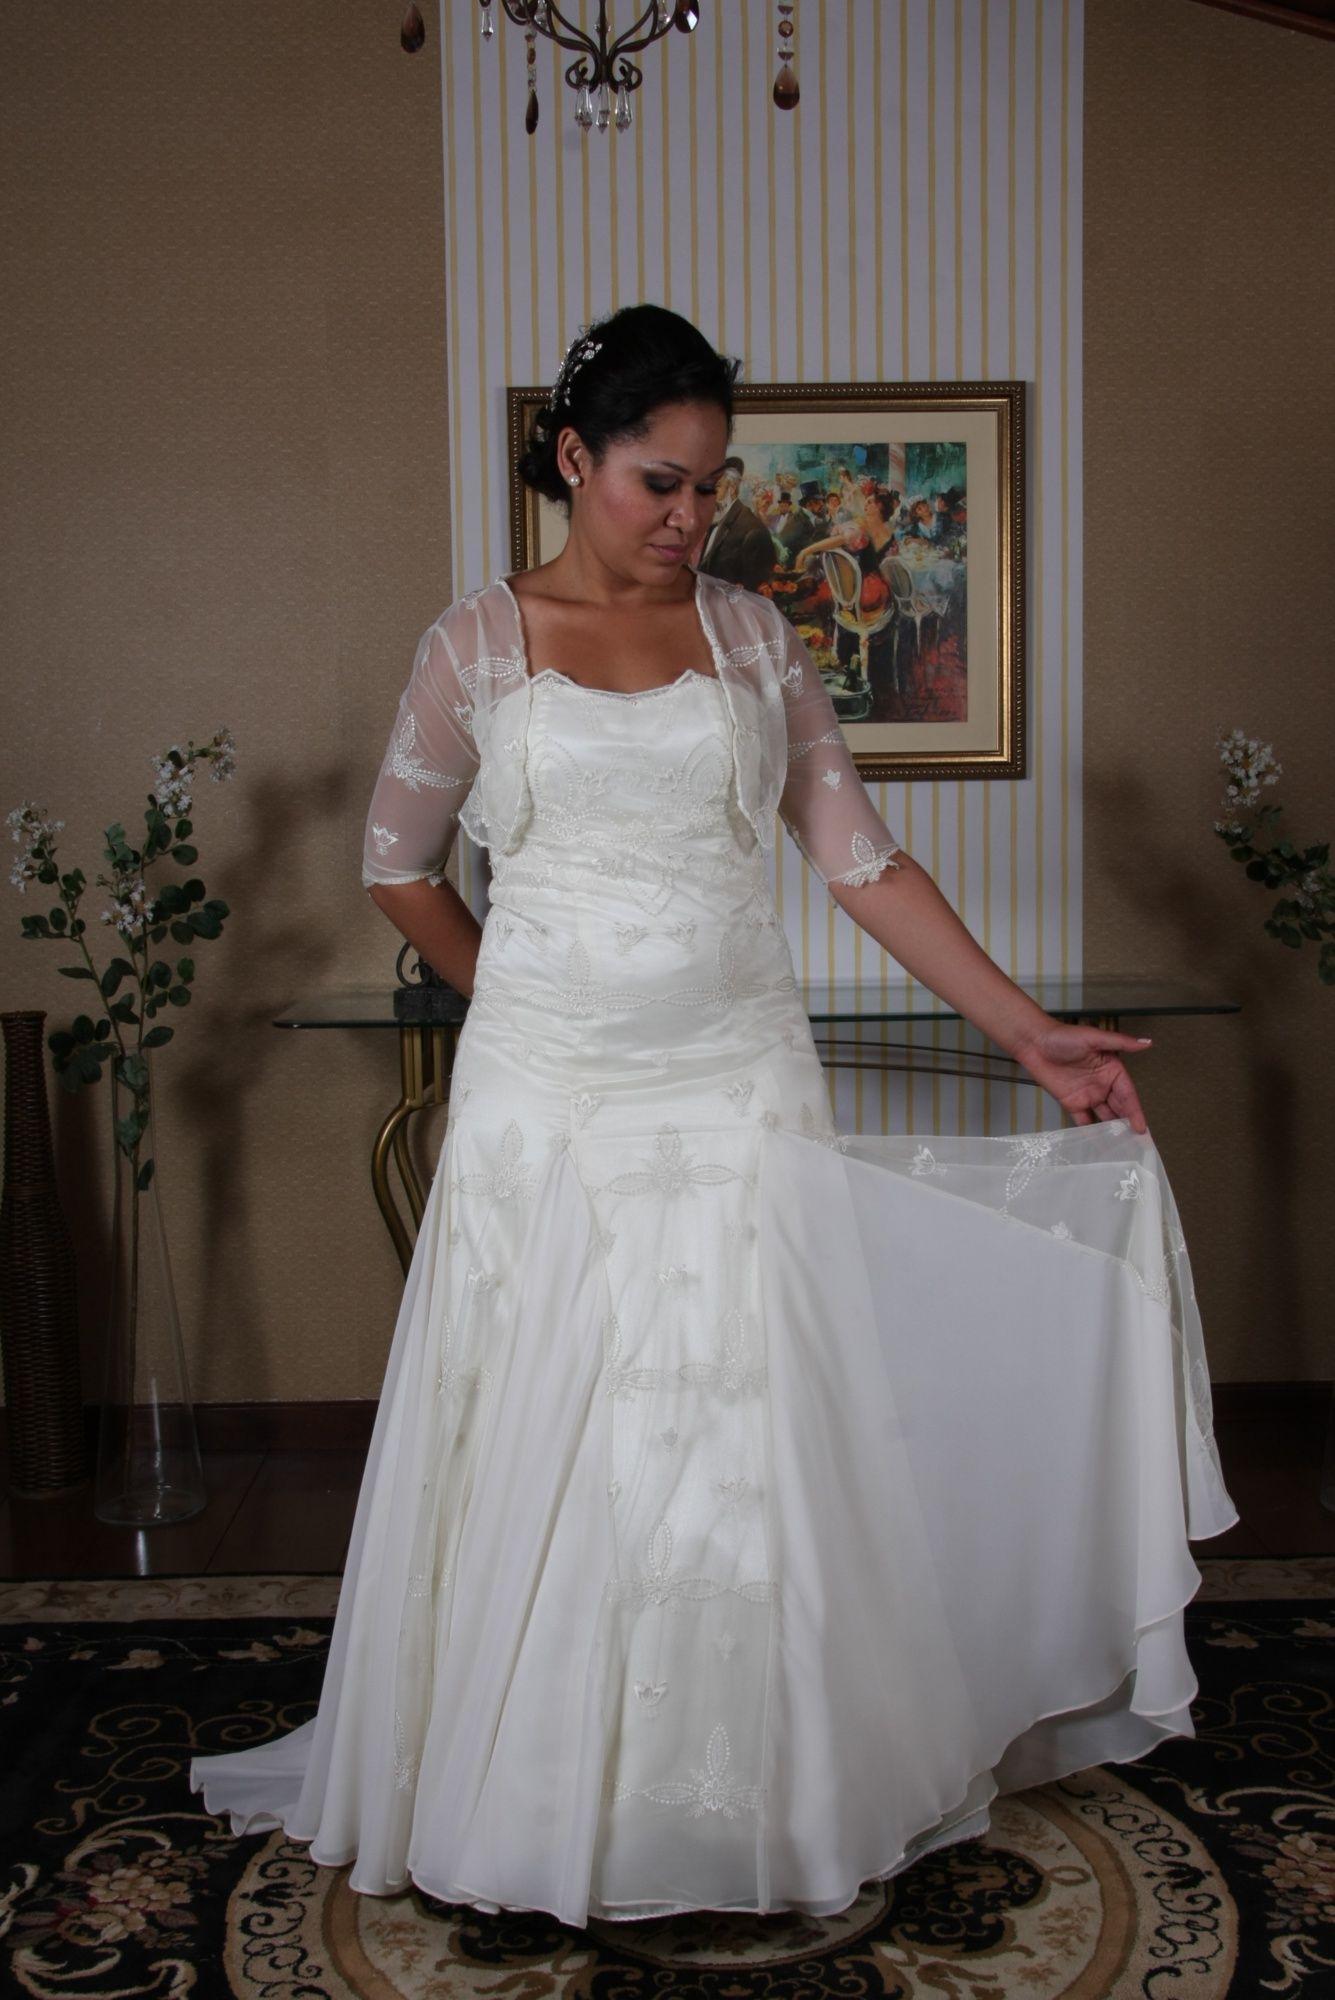 Vestido de Noiva Princesa - 5 - Hipnose Alta Costura e Spa para Noivas e Noivos - Campinas - SP Vestido de Noiva, Vestido de Noiva Princesa, Hipnose Alta Costura